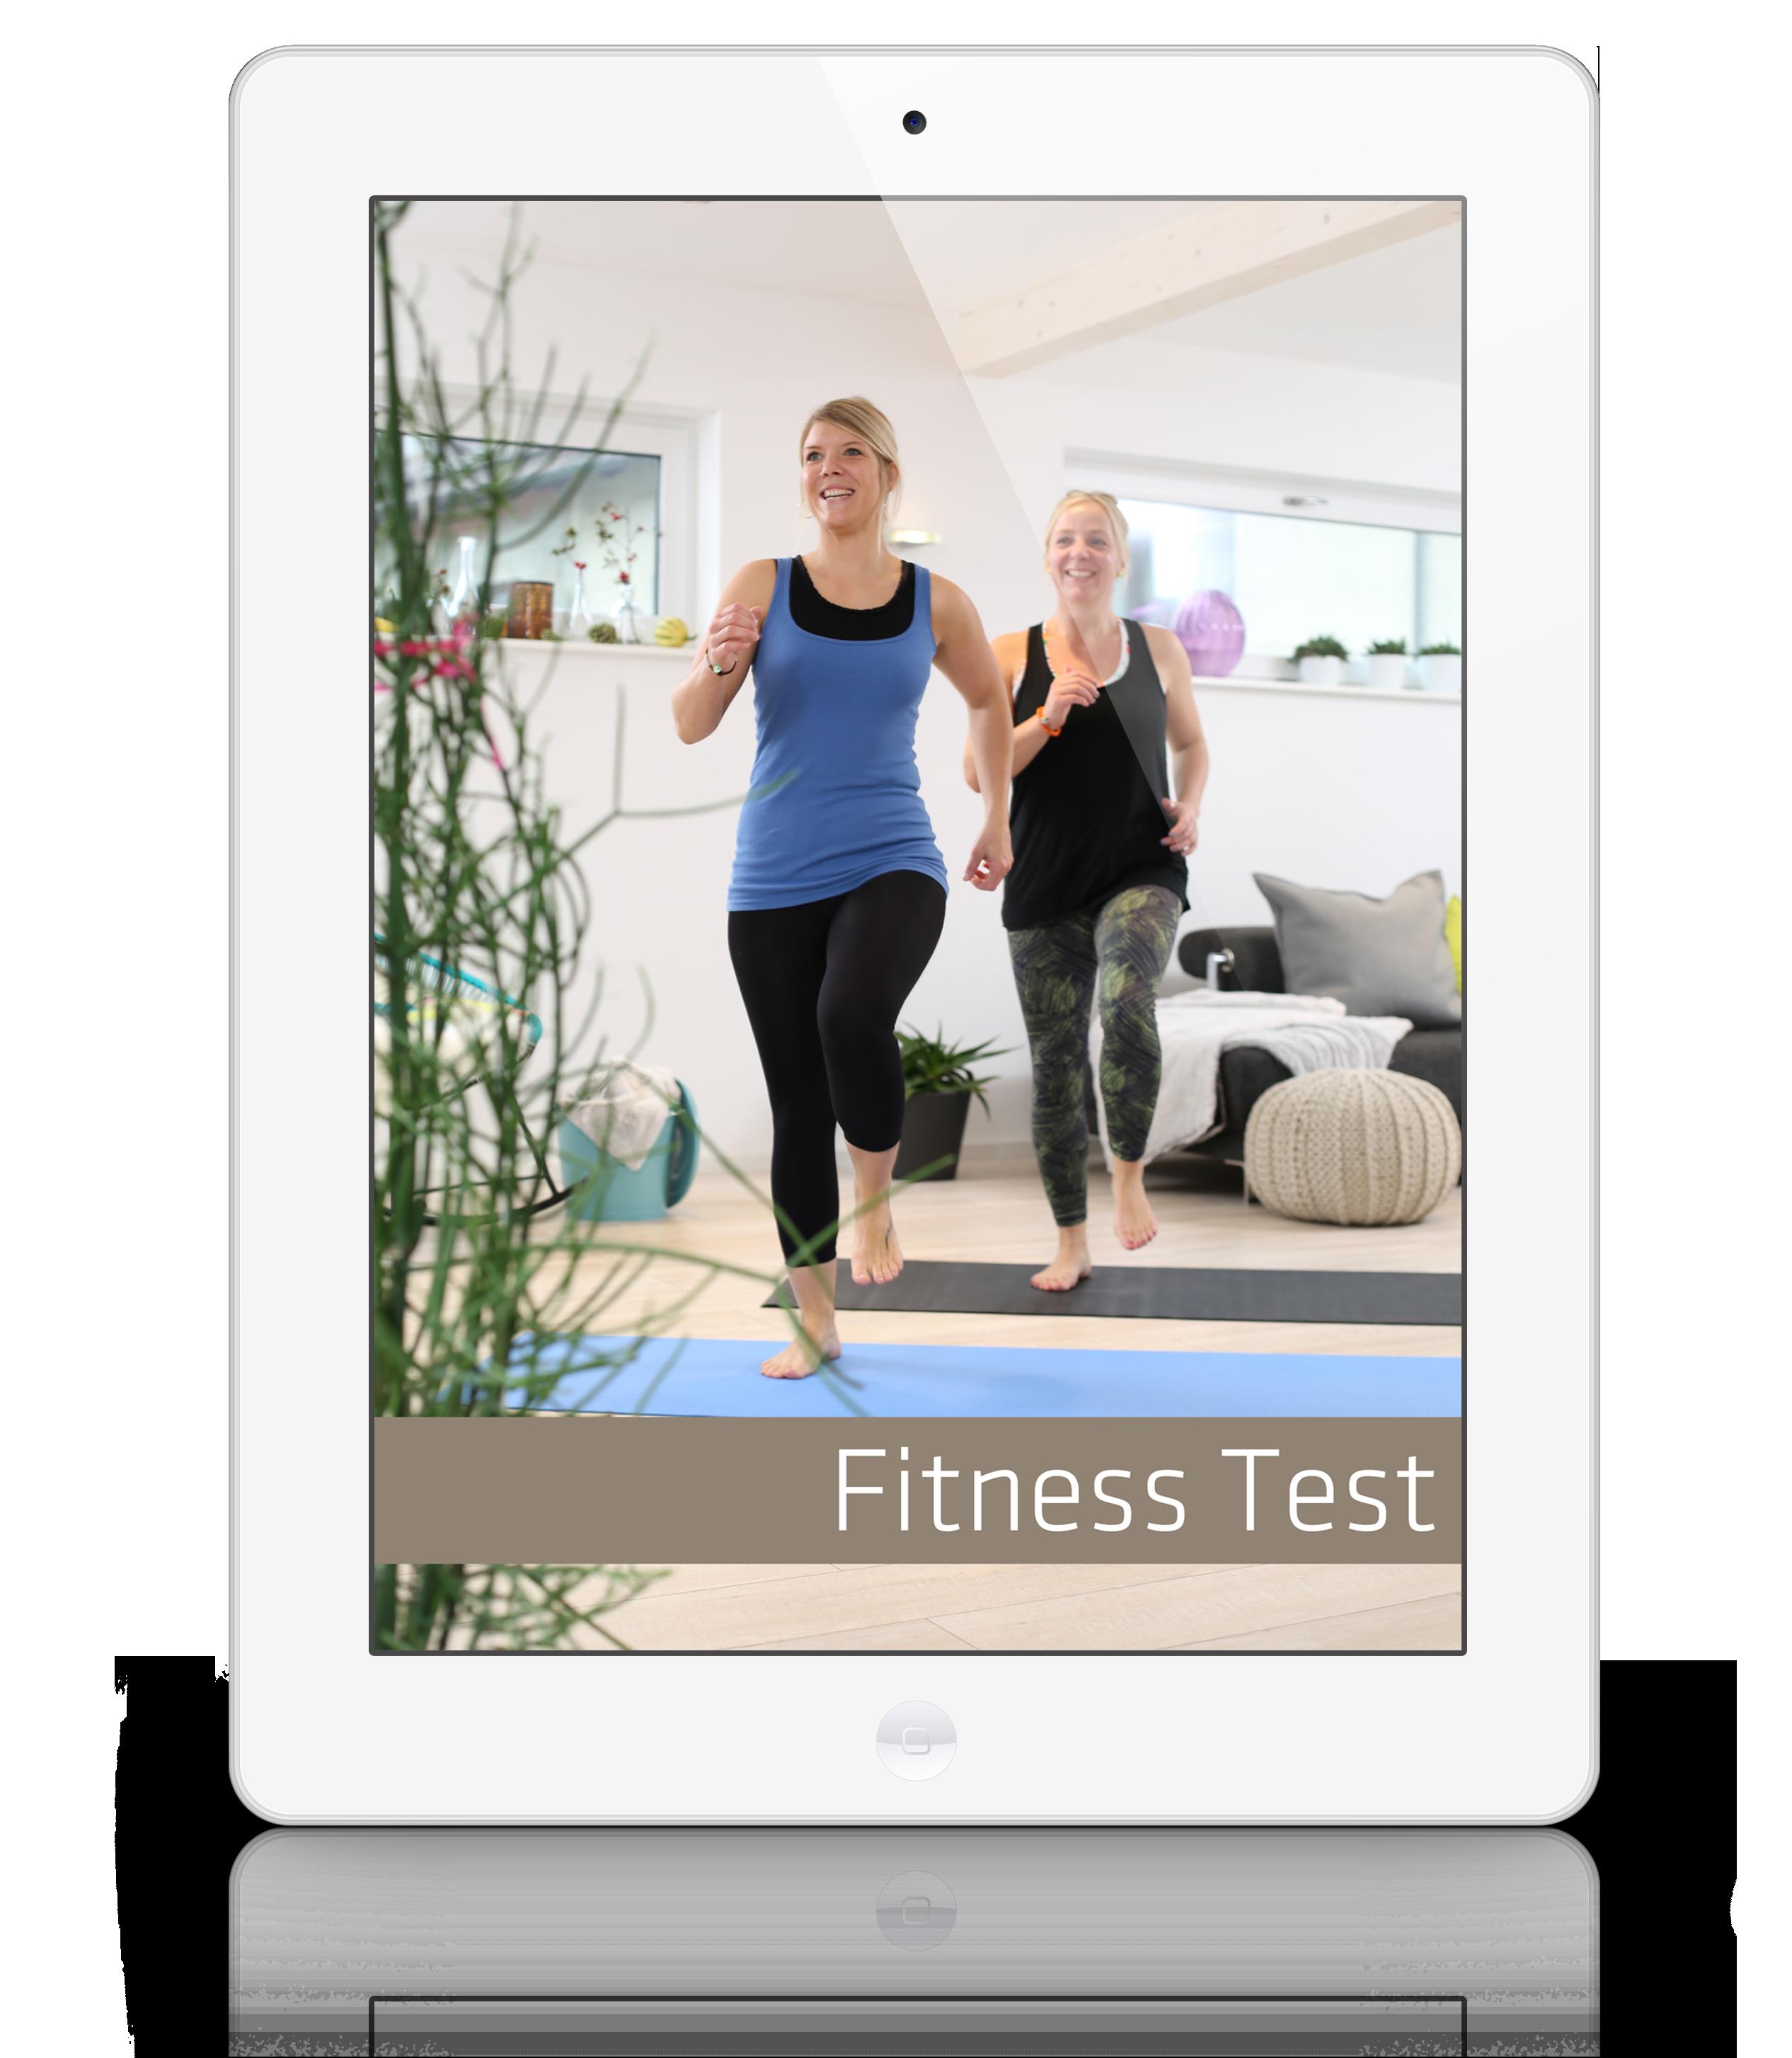 Der Fitness Test